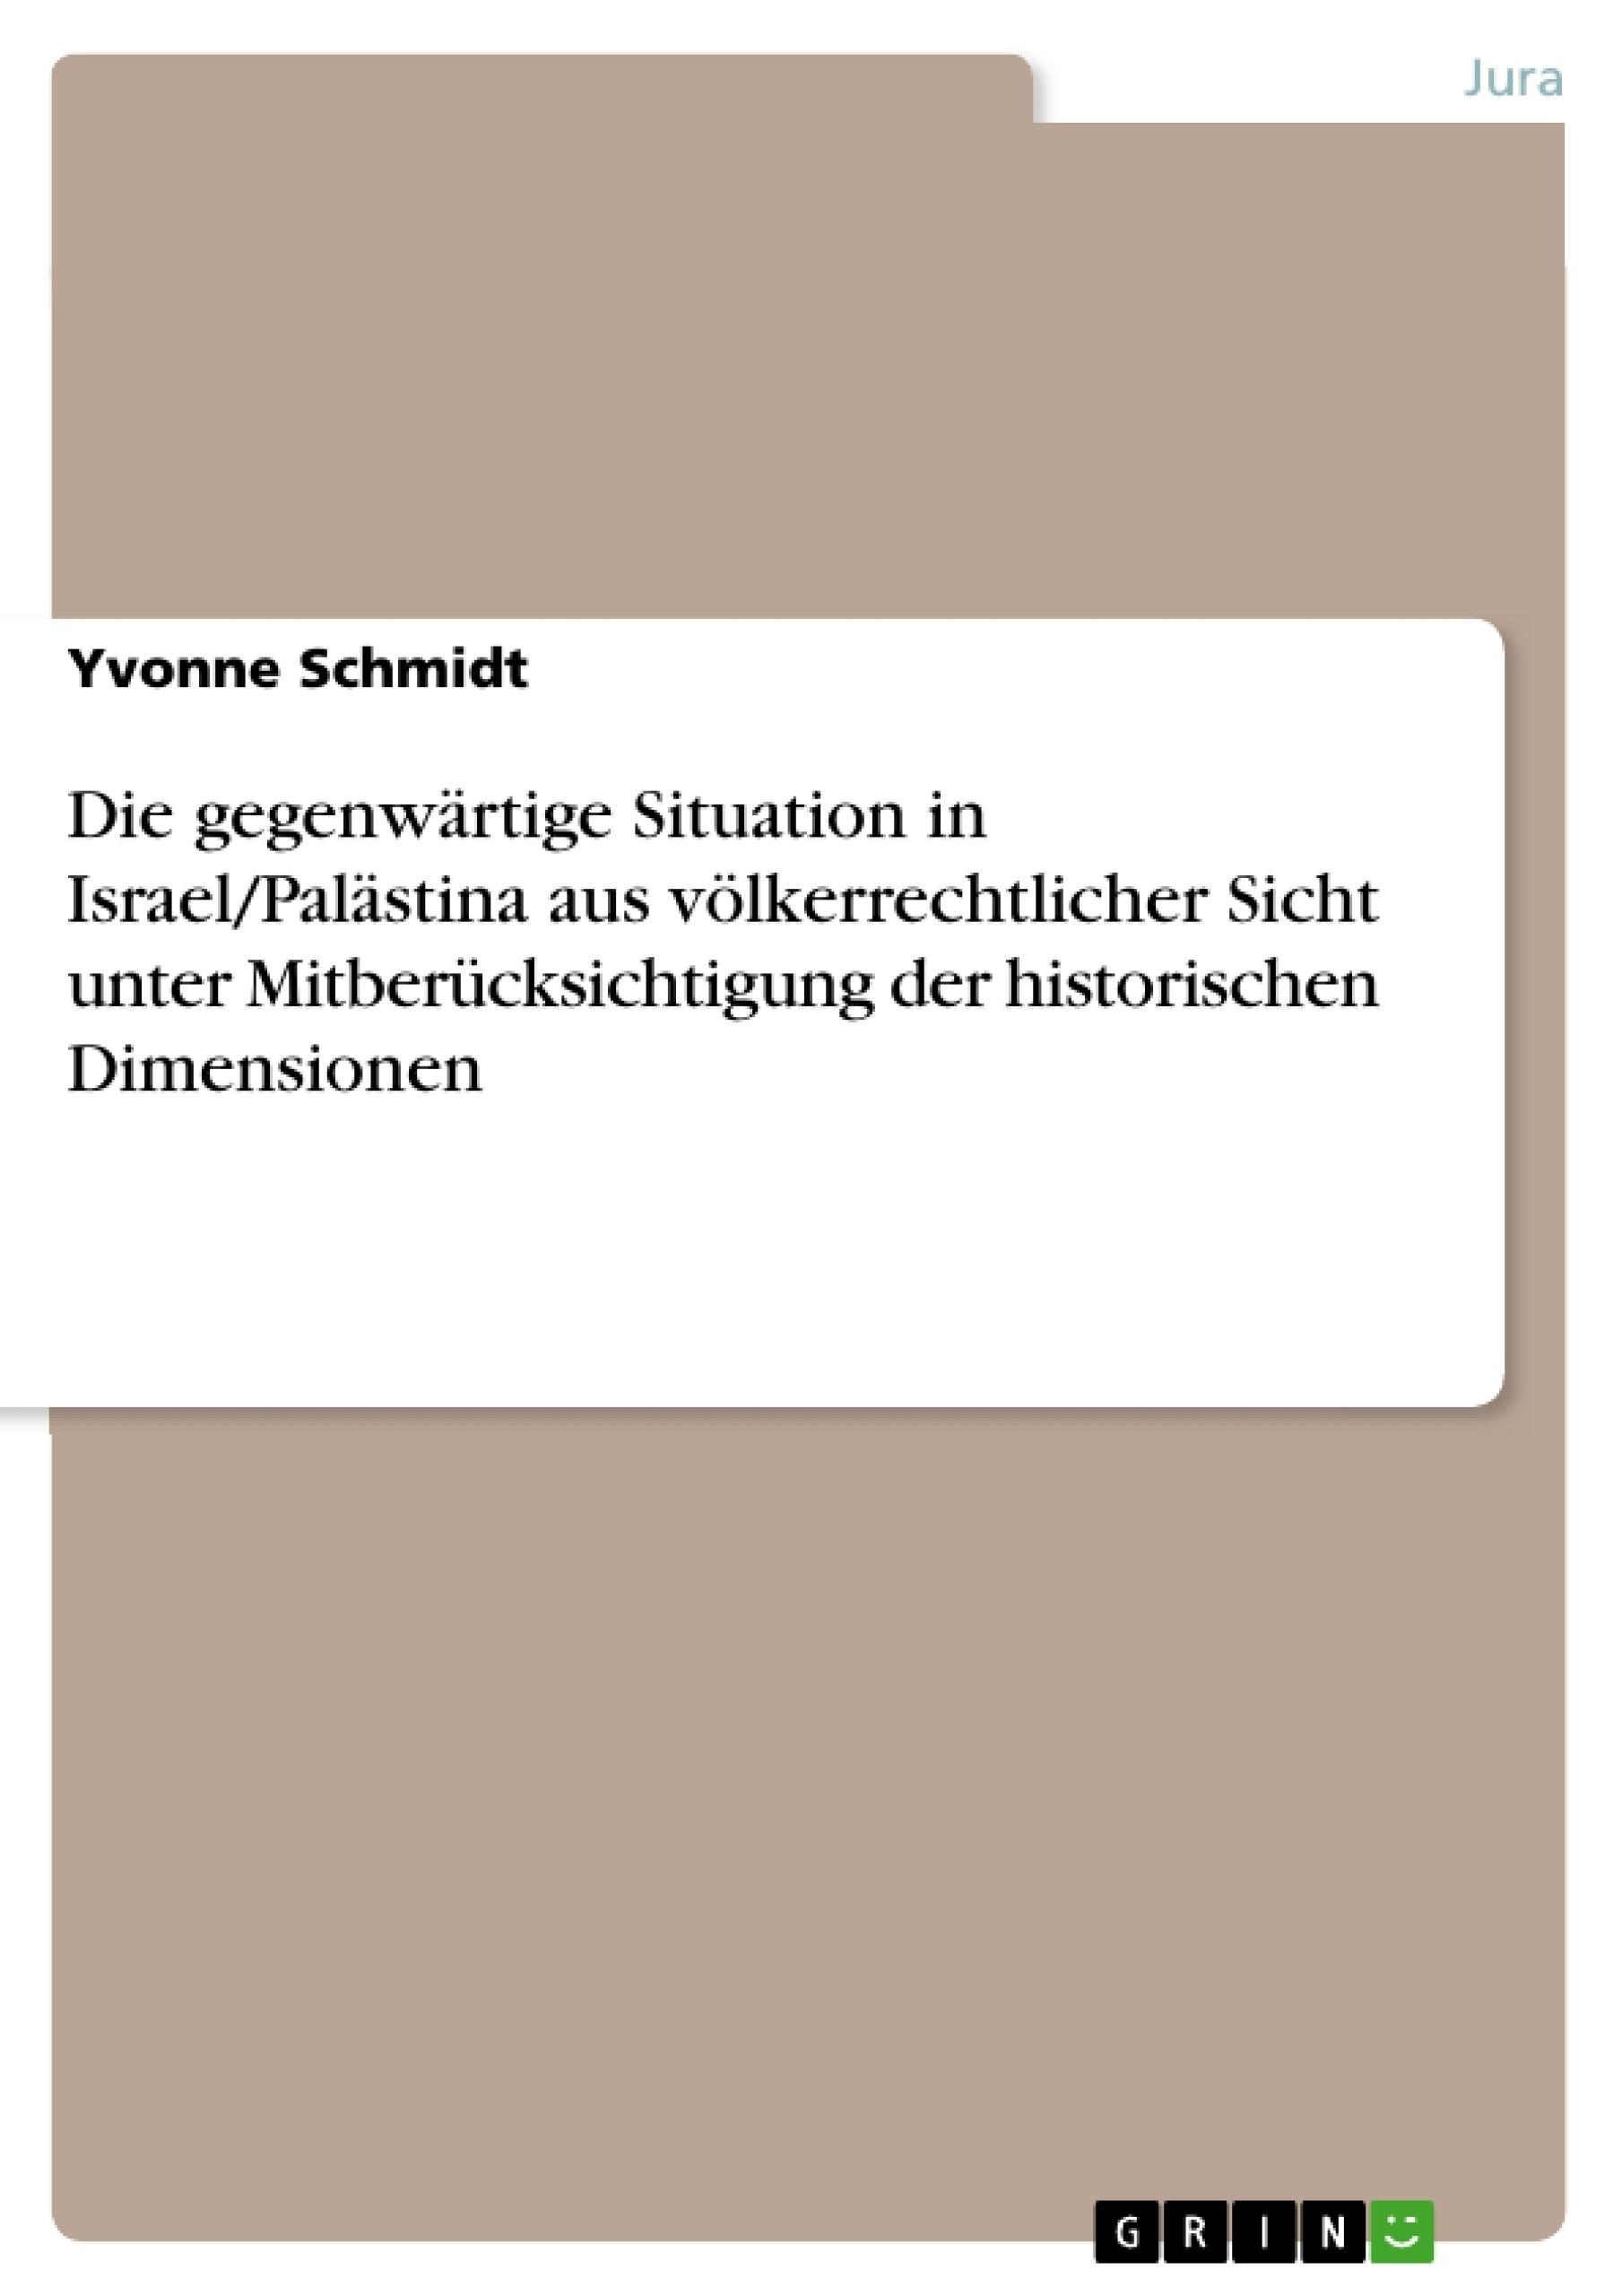 Balfour datiert